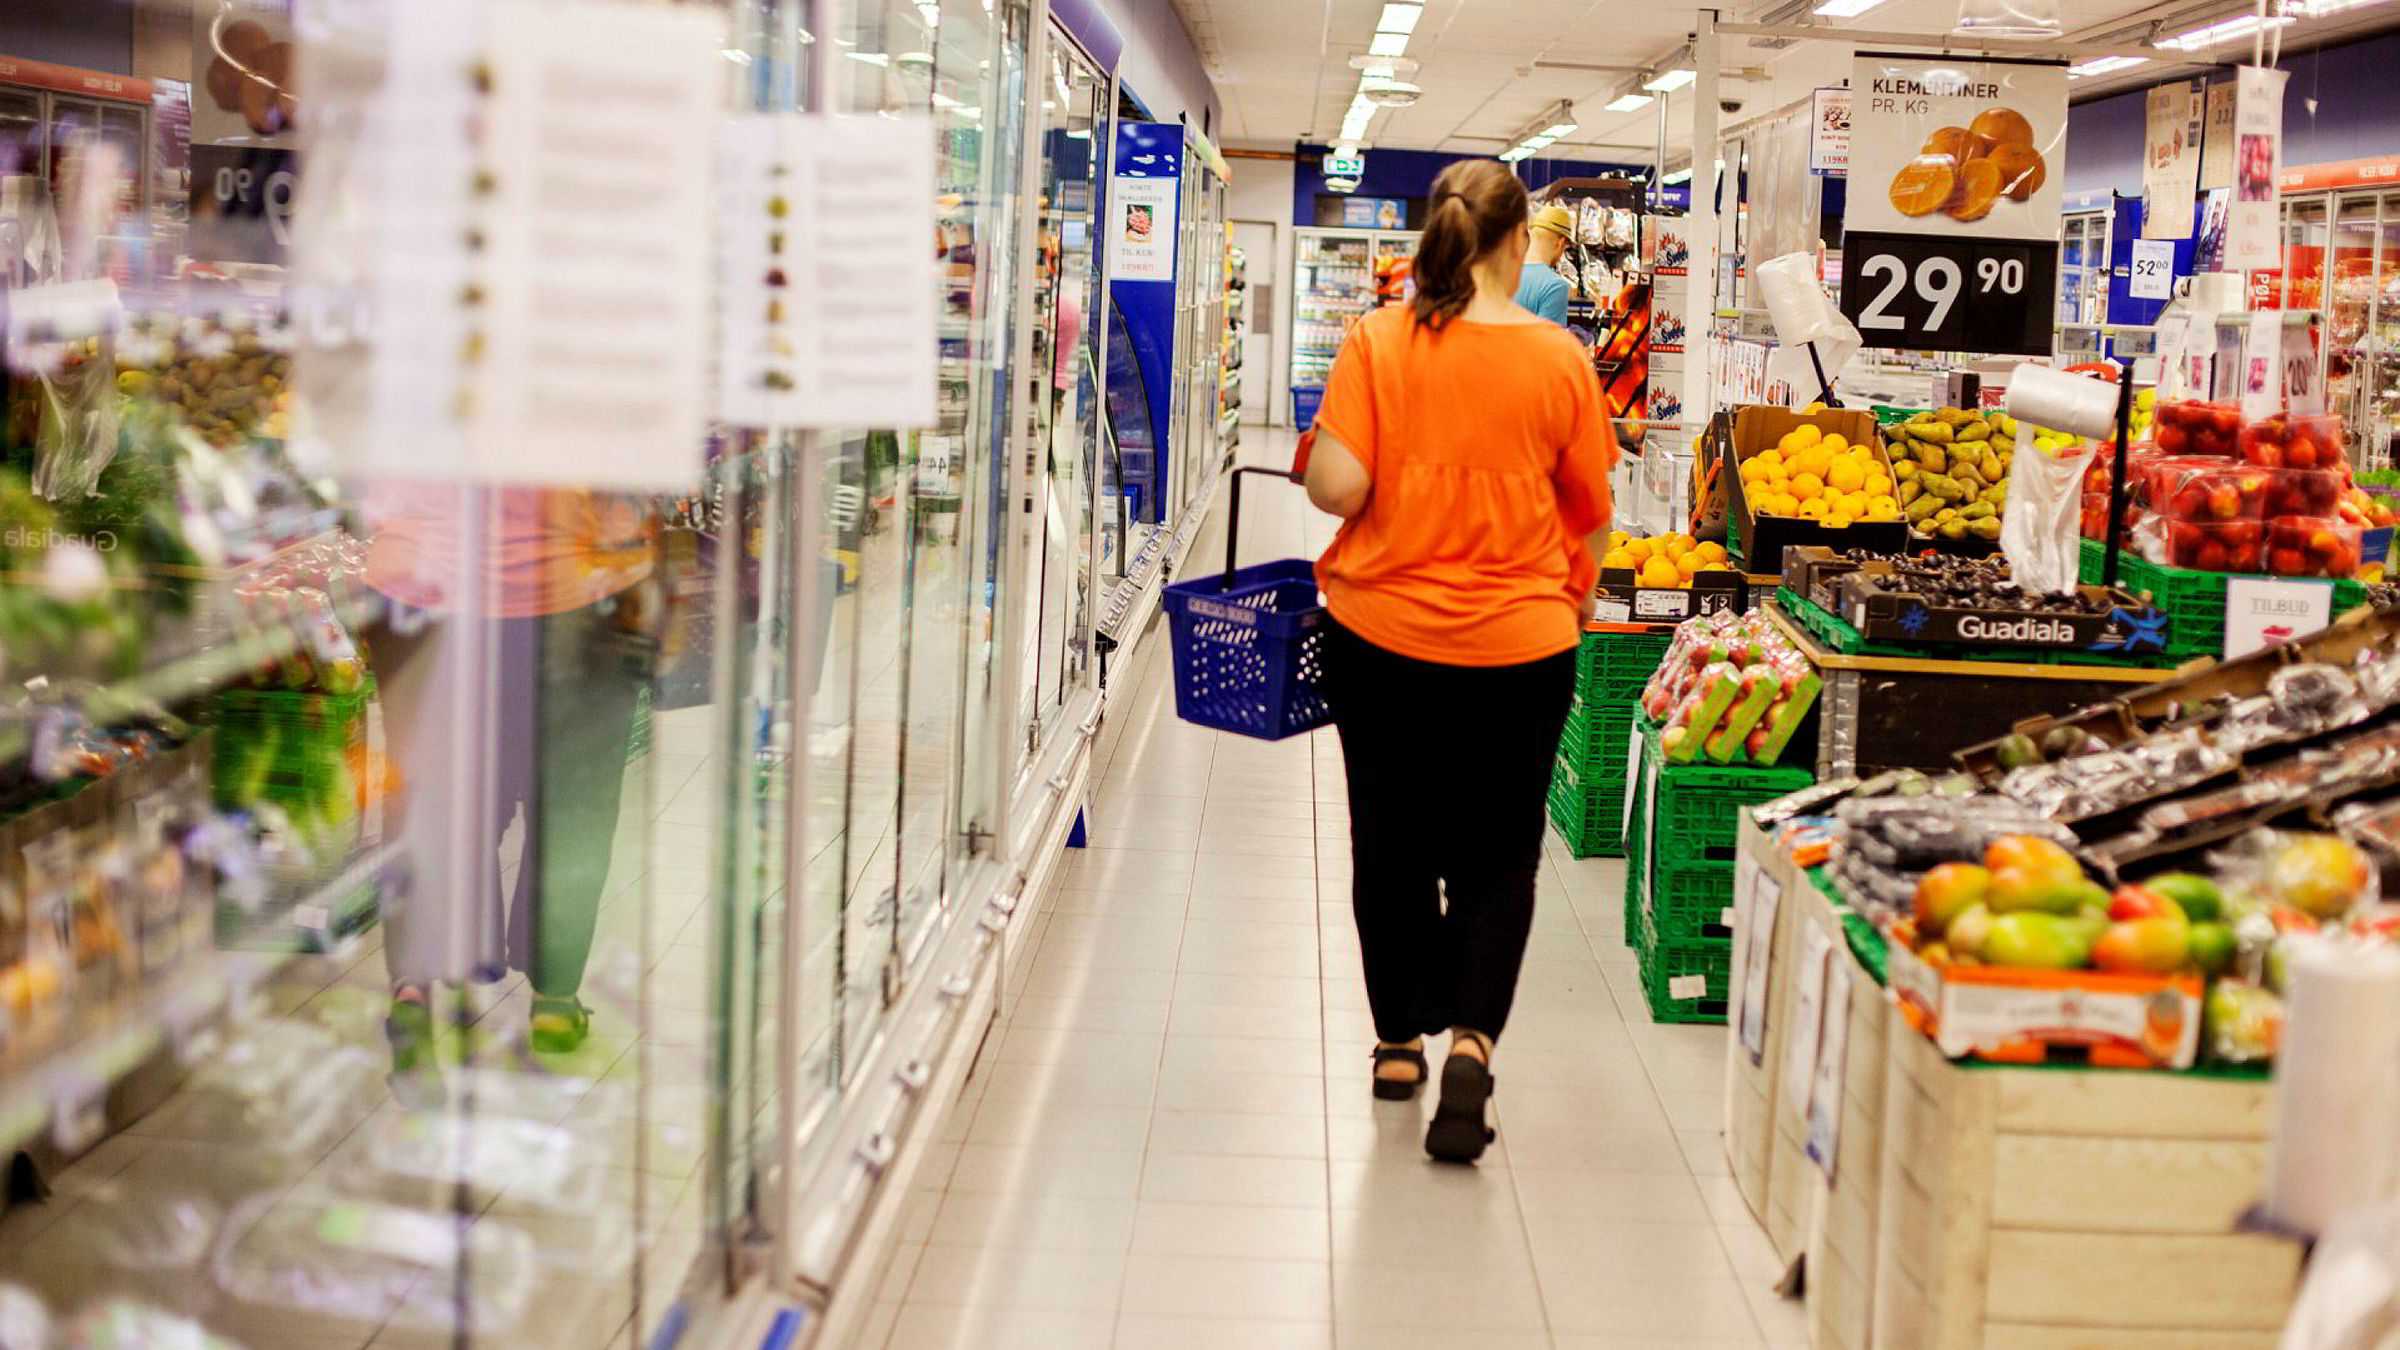 Dagligvareekspert Sigmund Festøy mener at de nye matbutikkene nå virkelig begynner å ta volum fra lavpriskjedene.